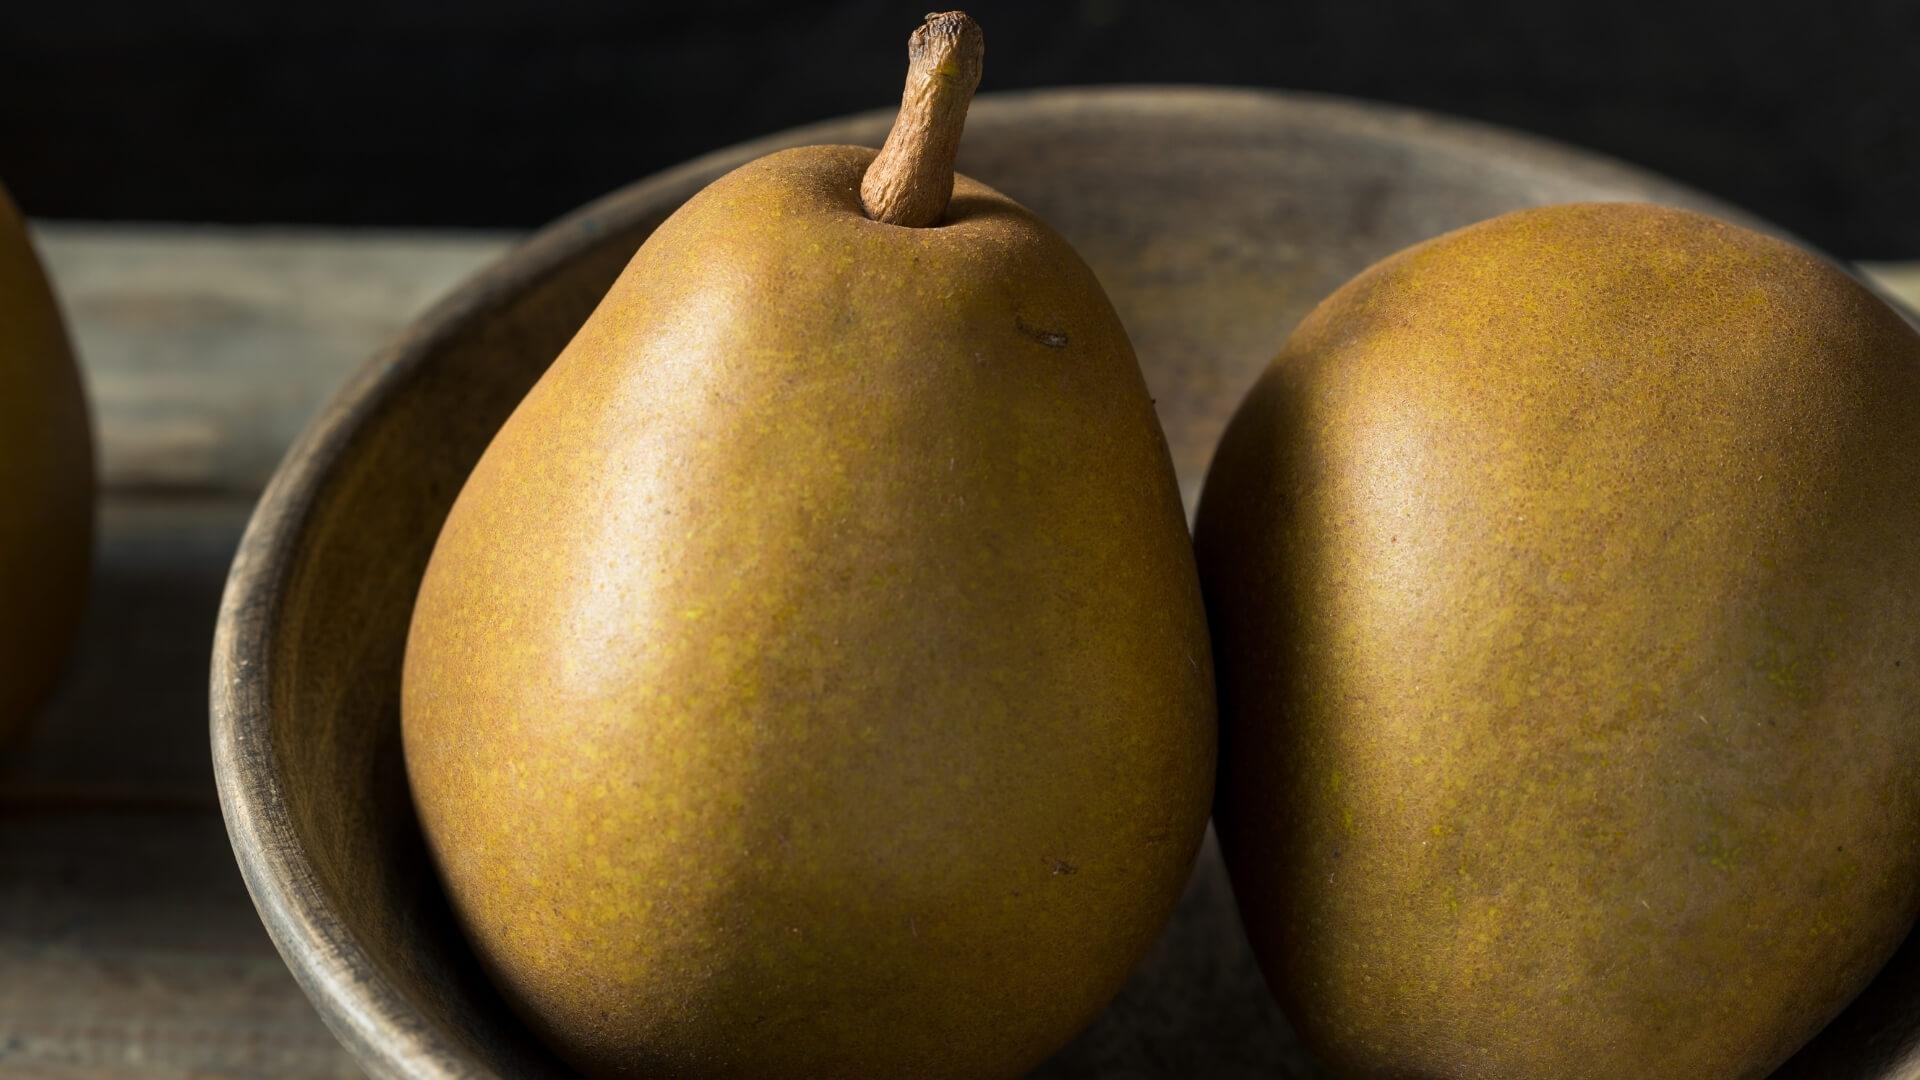 La pera contiene potassio: i benefici per la salute